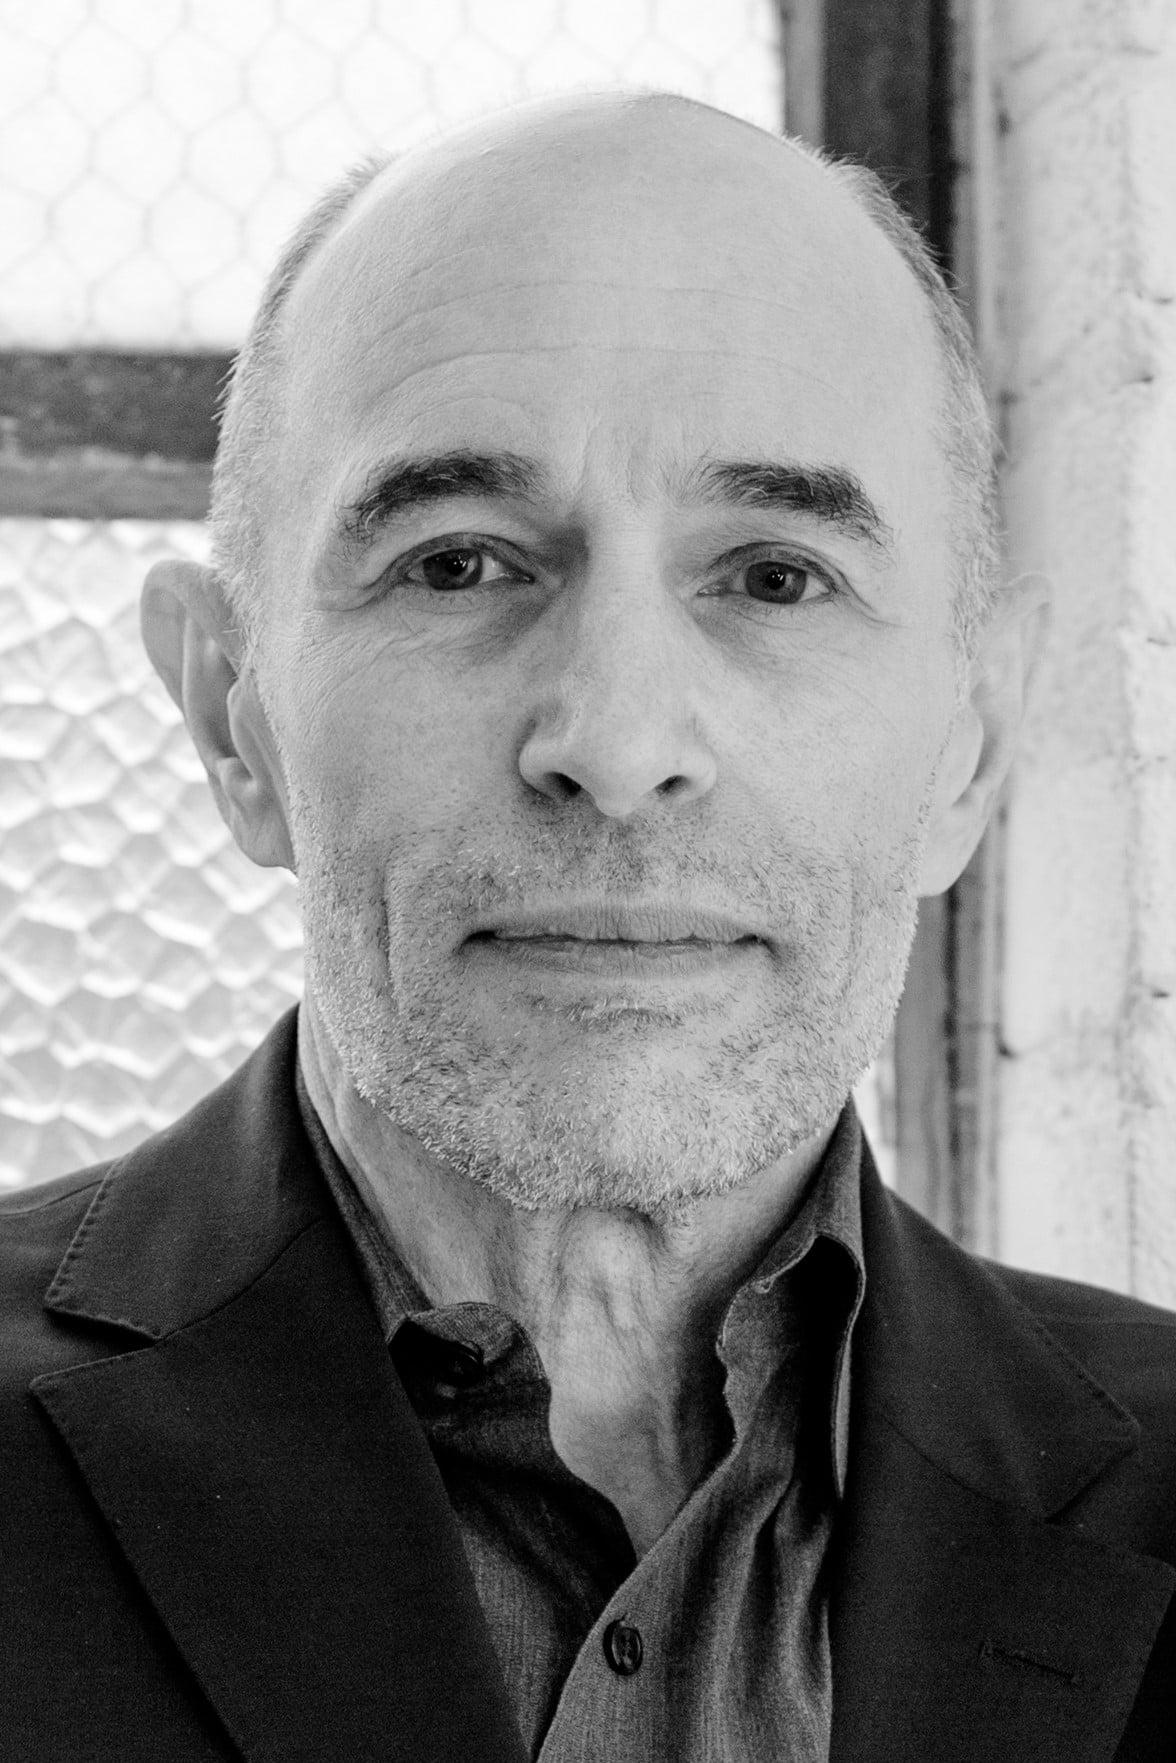 Andrew Tribolini